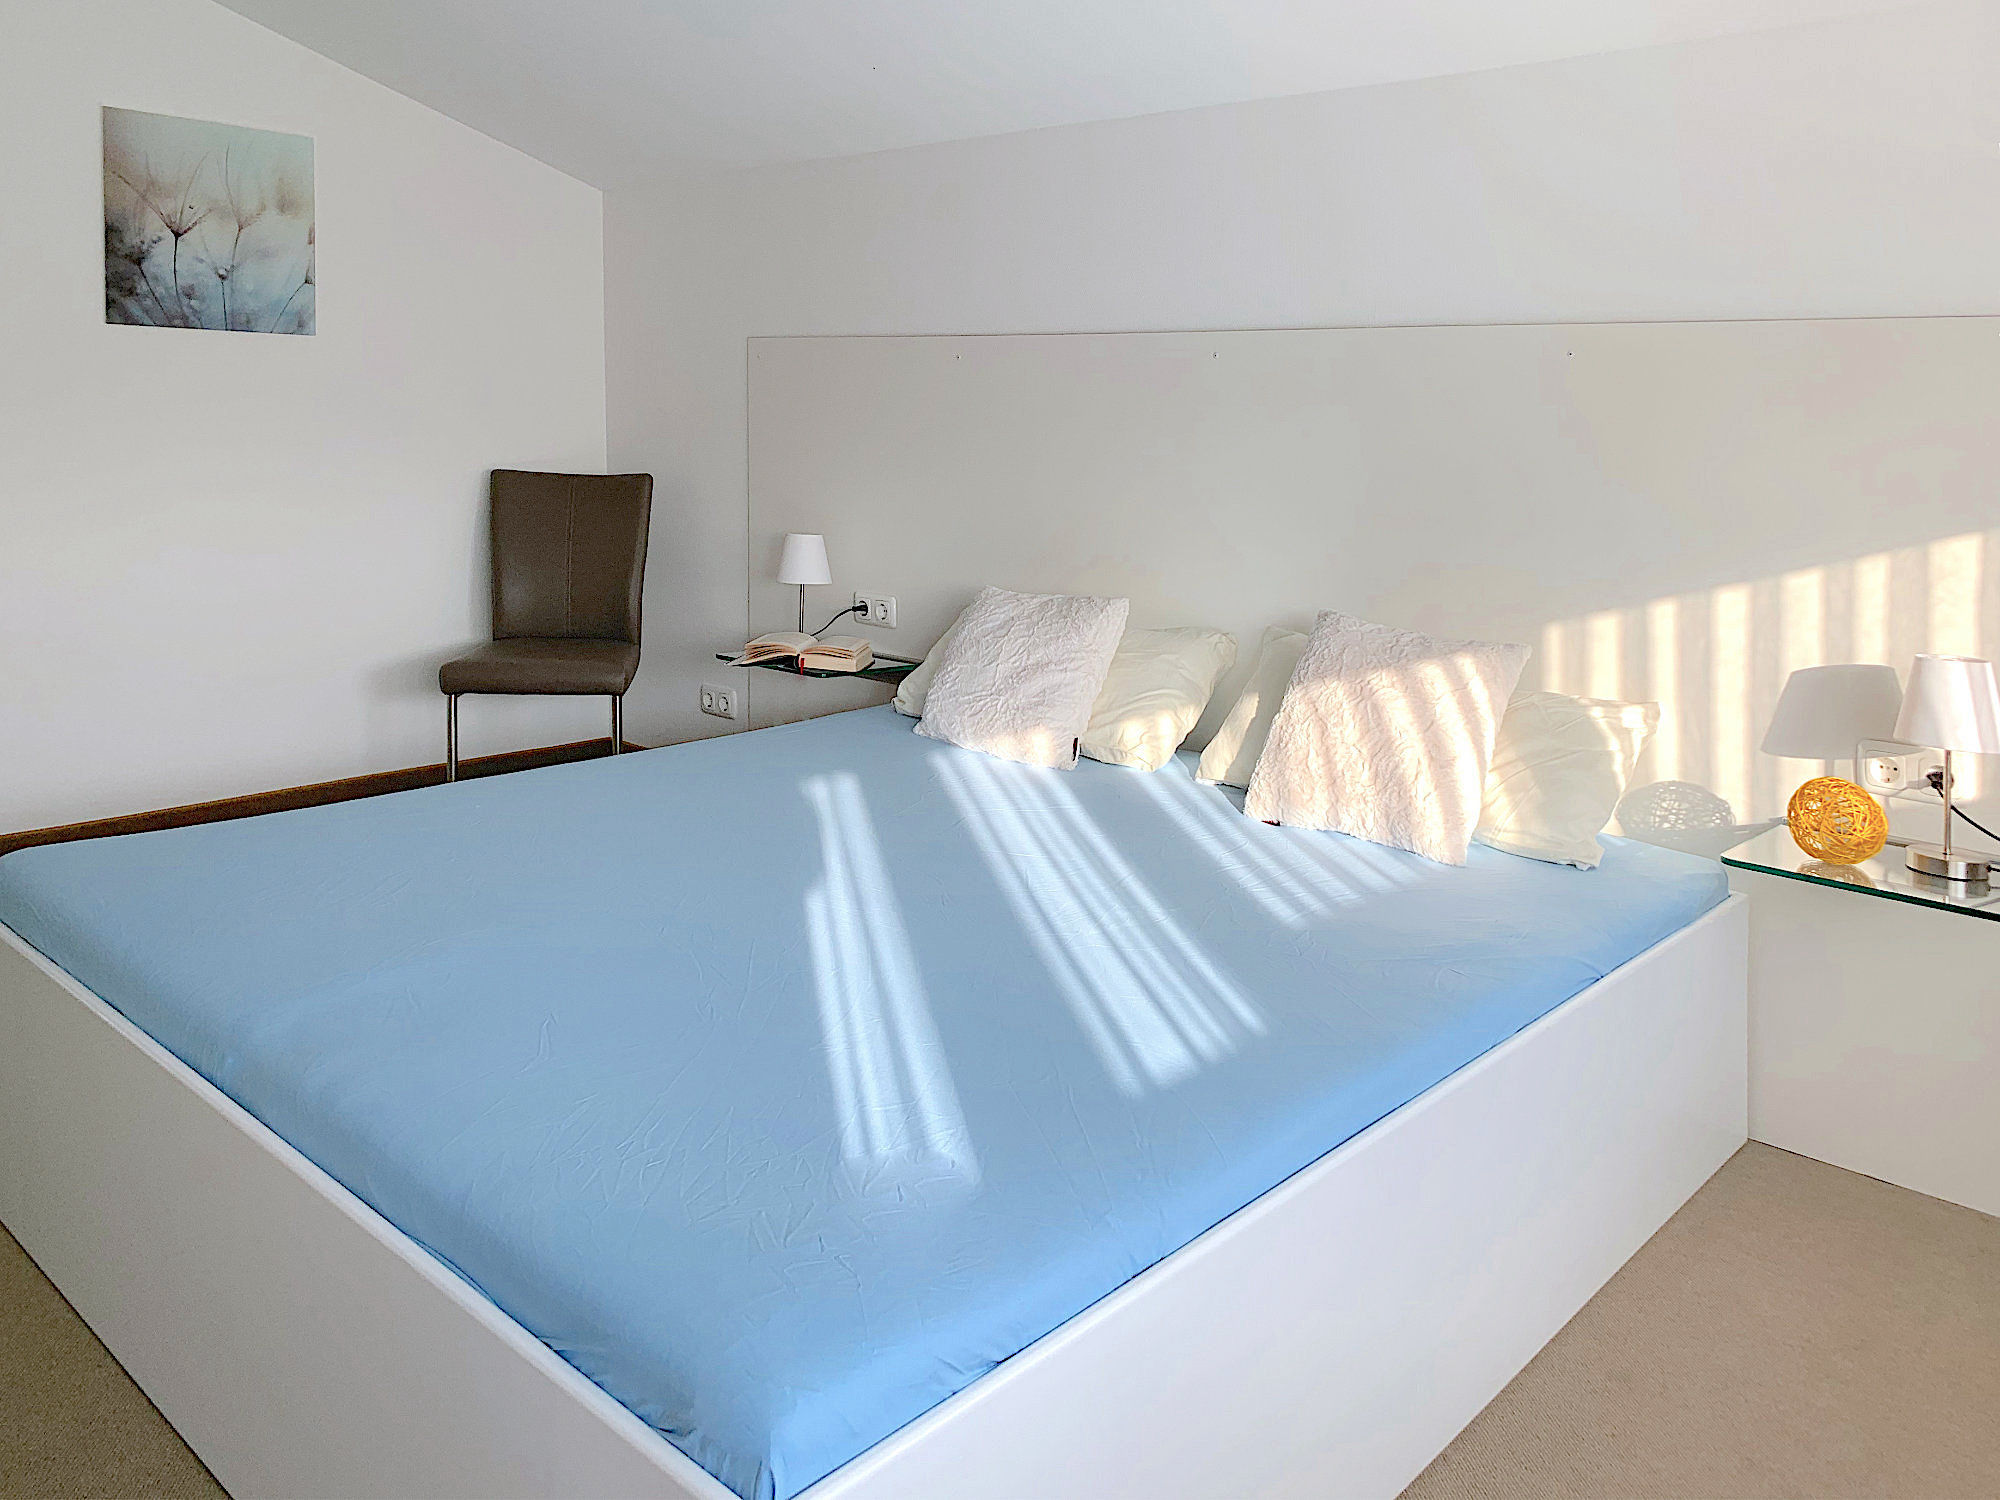 Schlafzimmer mit Doppelbett, im Hintergrund ein Stuhl